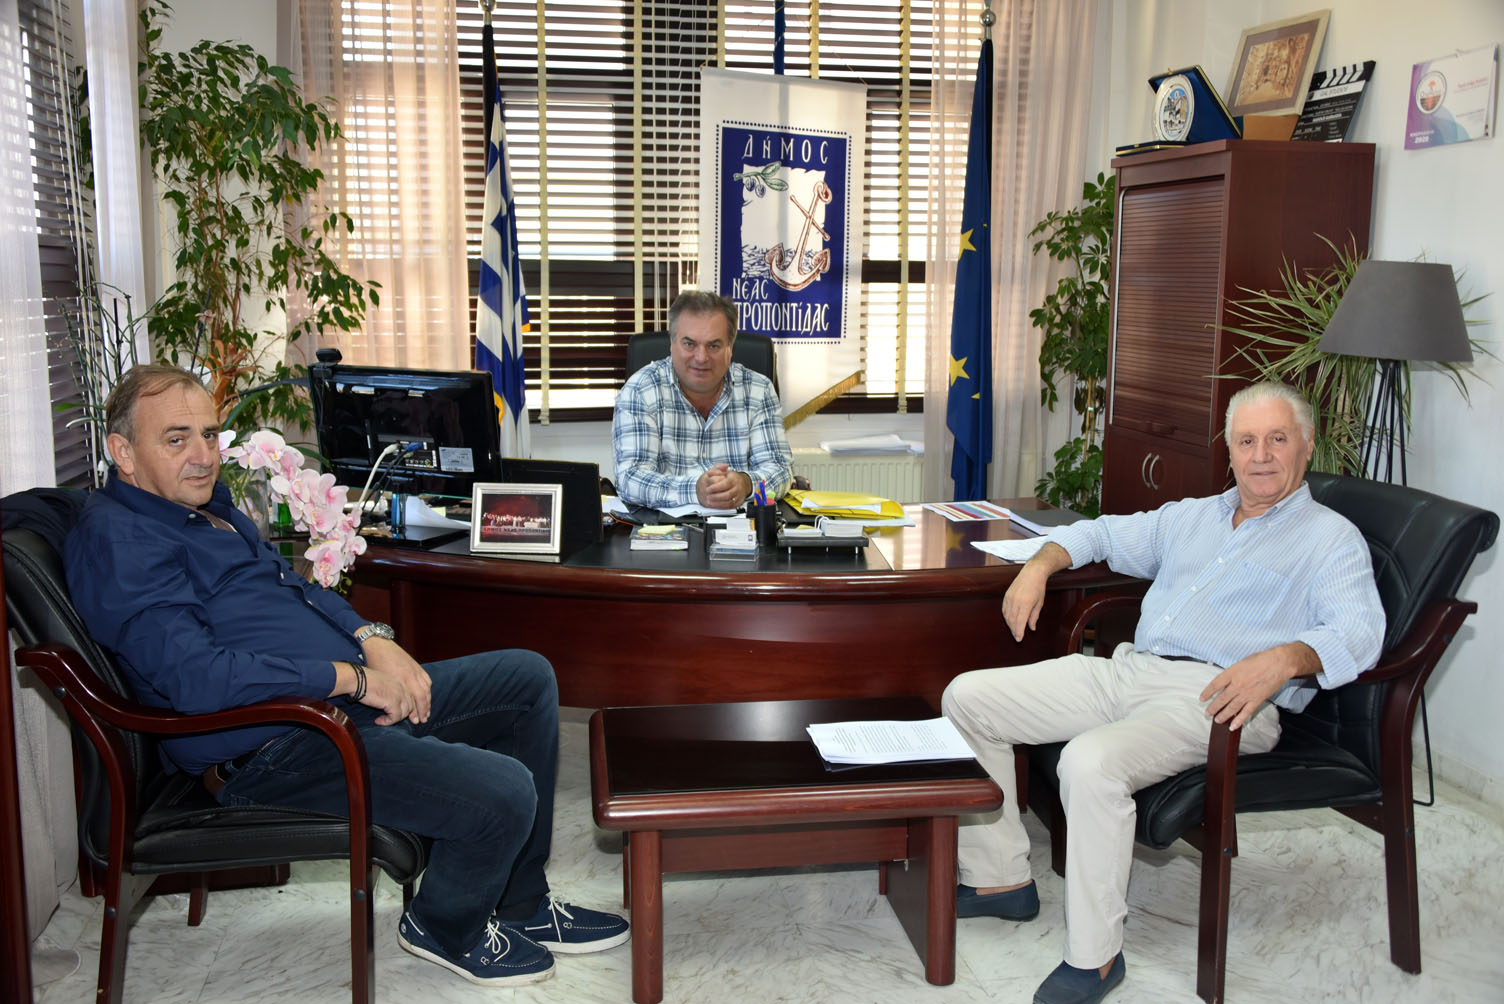 Υπεγράφη η σύμβαση για την κατασκευή του Νέου Κλειστού Γυμναστηρίου Ν. Μουδανιών